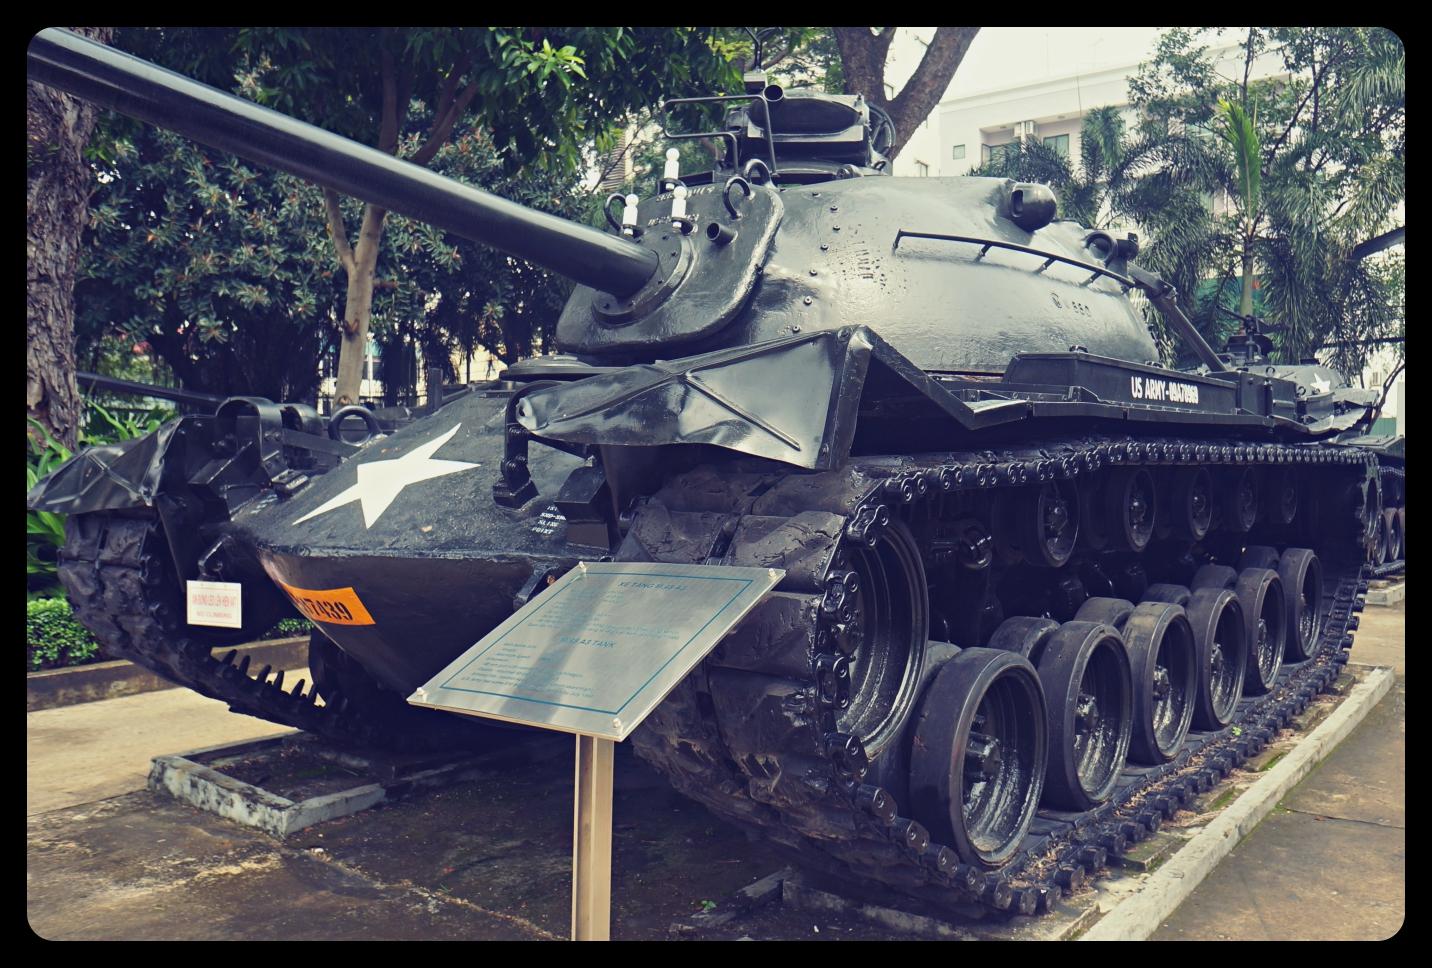 Czołg przed Muzeum Pozostałości Wojennych